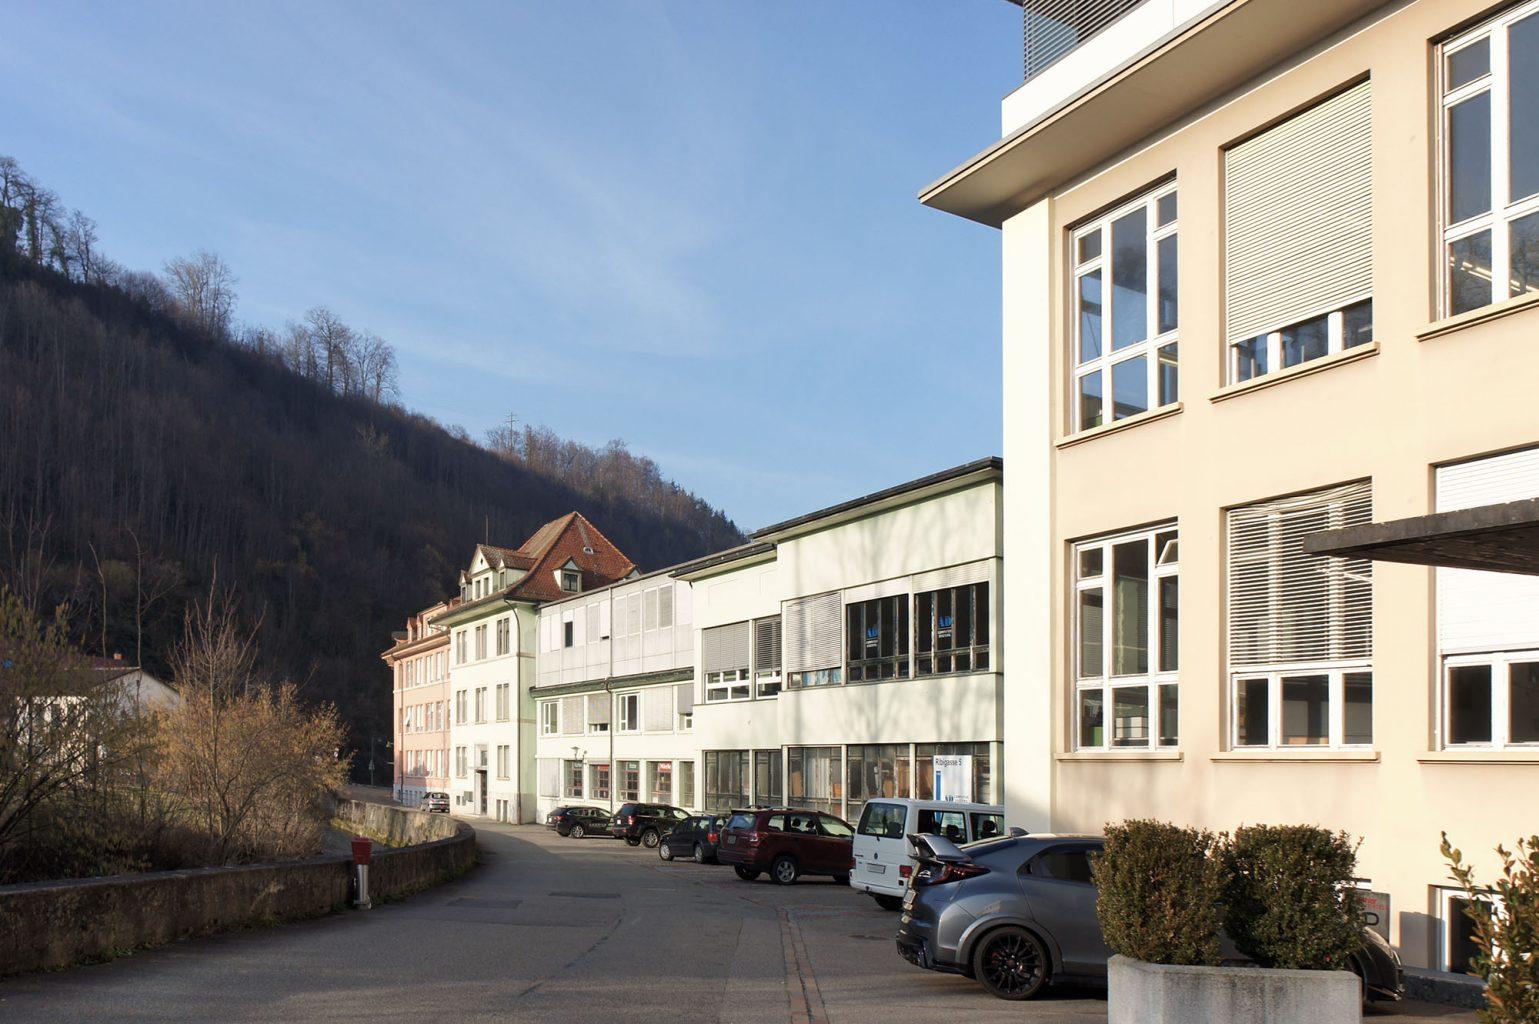 Gesamte Entwicklung: blassrosa (links), blassgrün (mitte), sandbraun (rechts), mit fragwürdigen Dachaufbauten in Metall, Hölstein © Architektur Basel